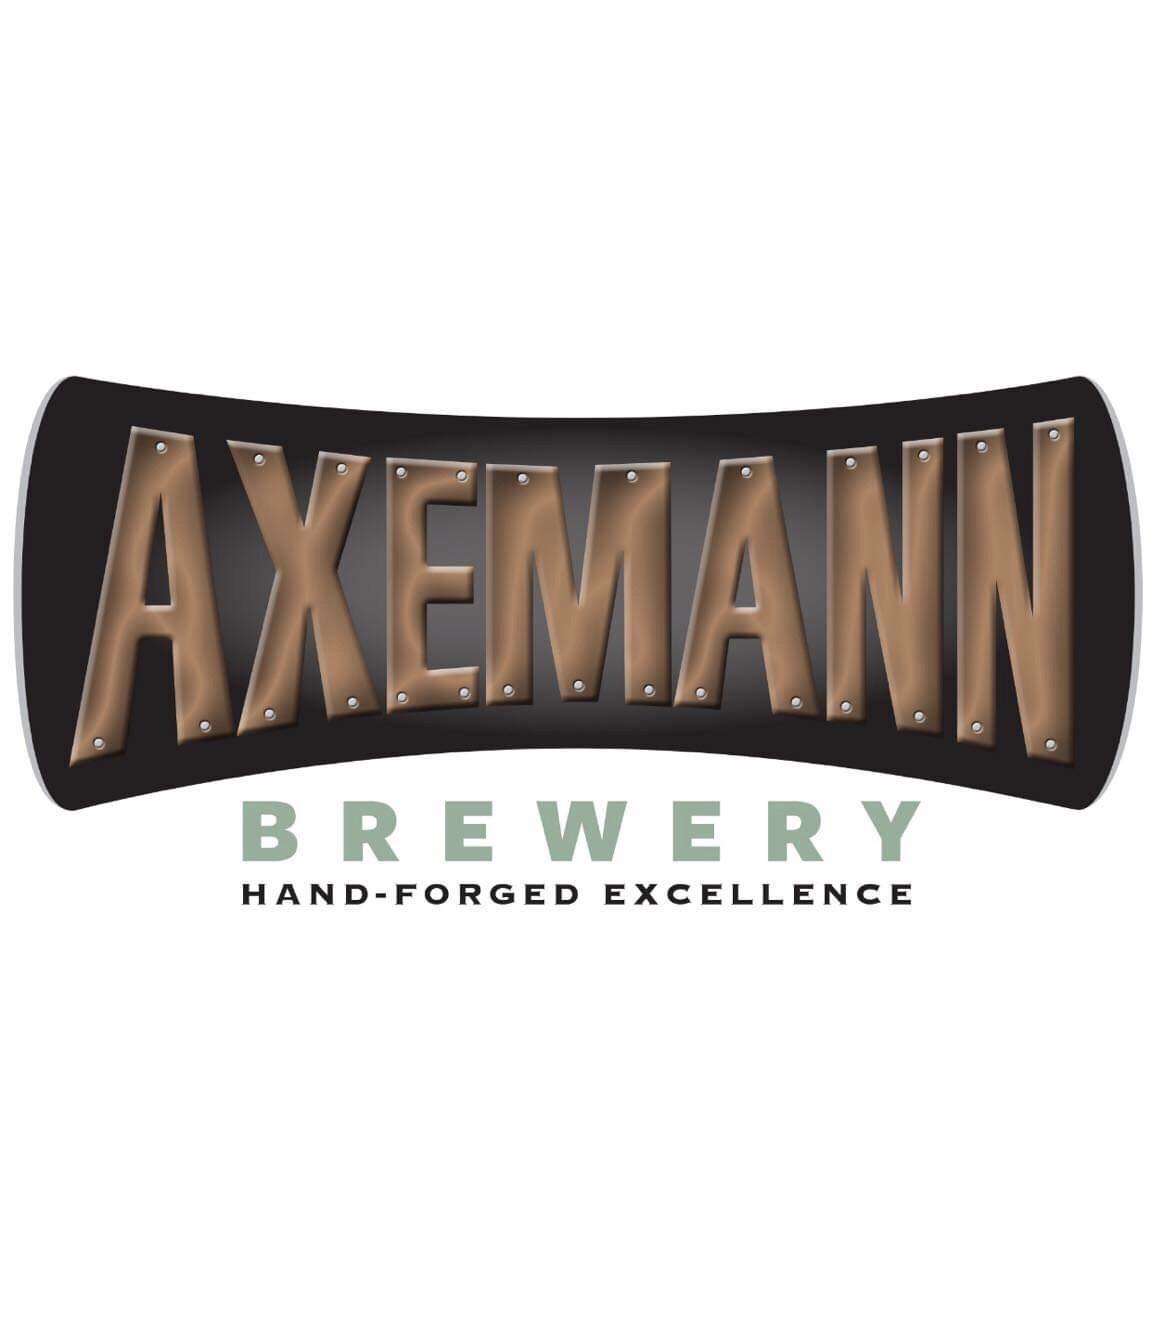 Axeman Brewery_1557351624169.jpg.jpg